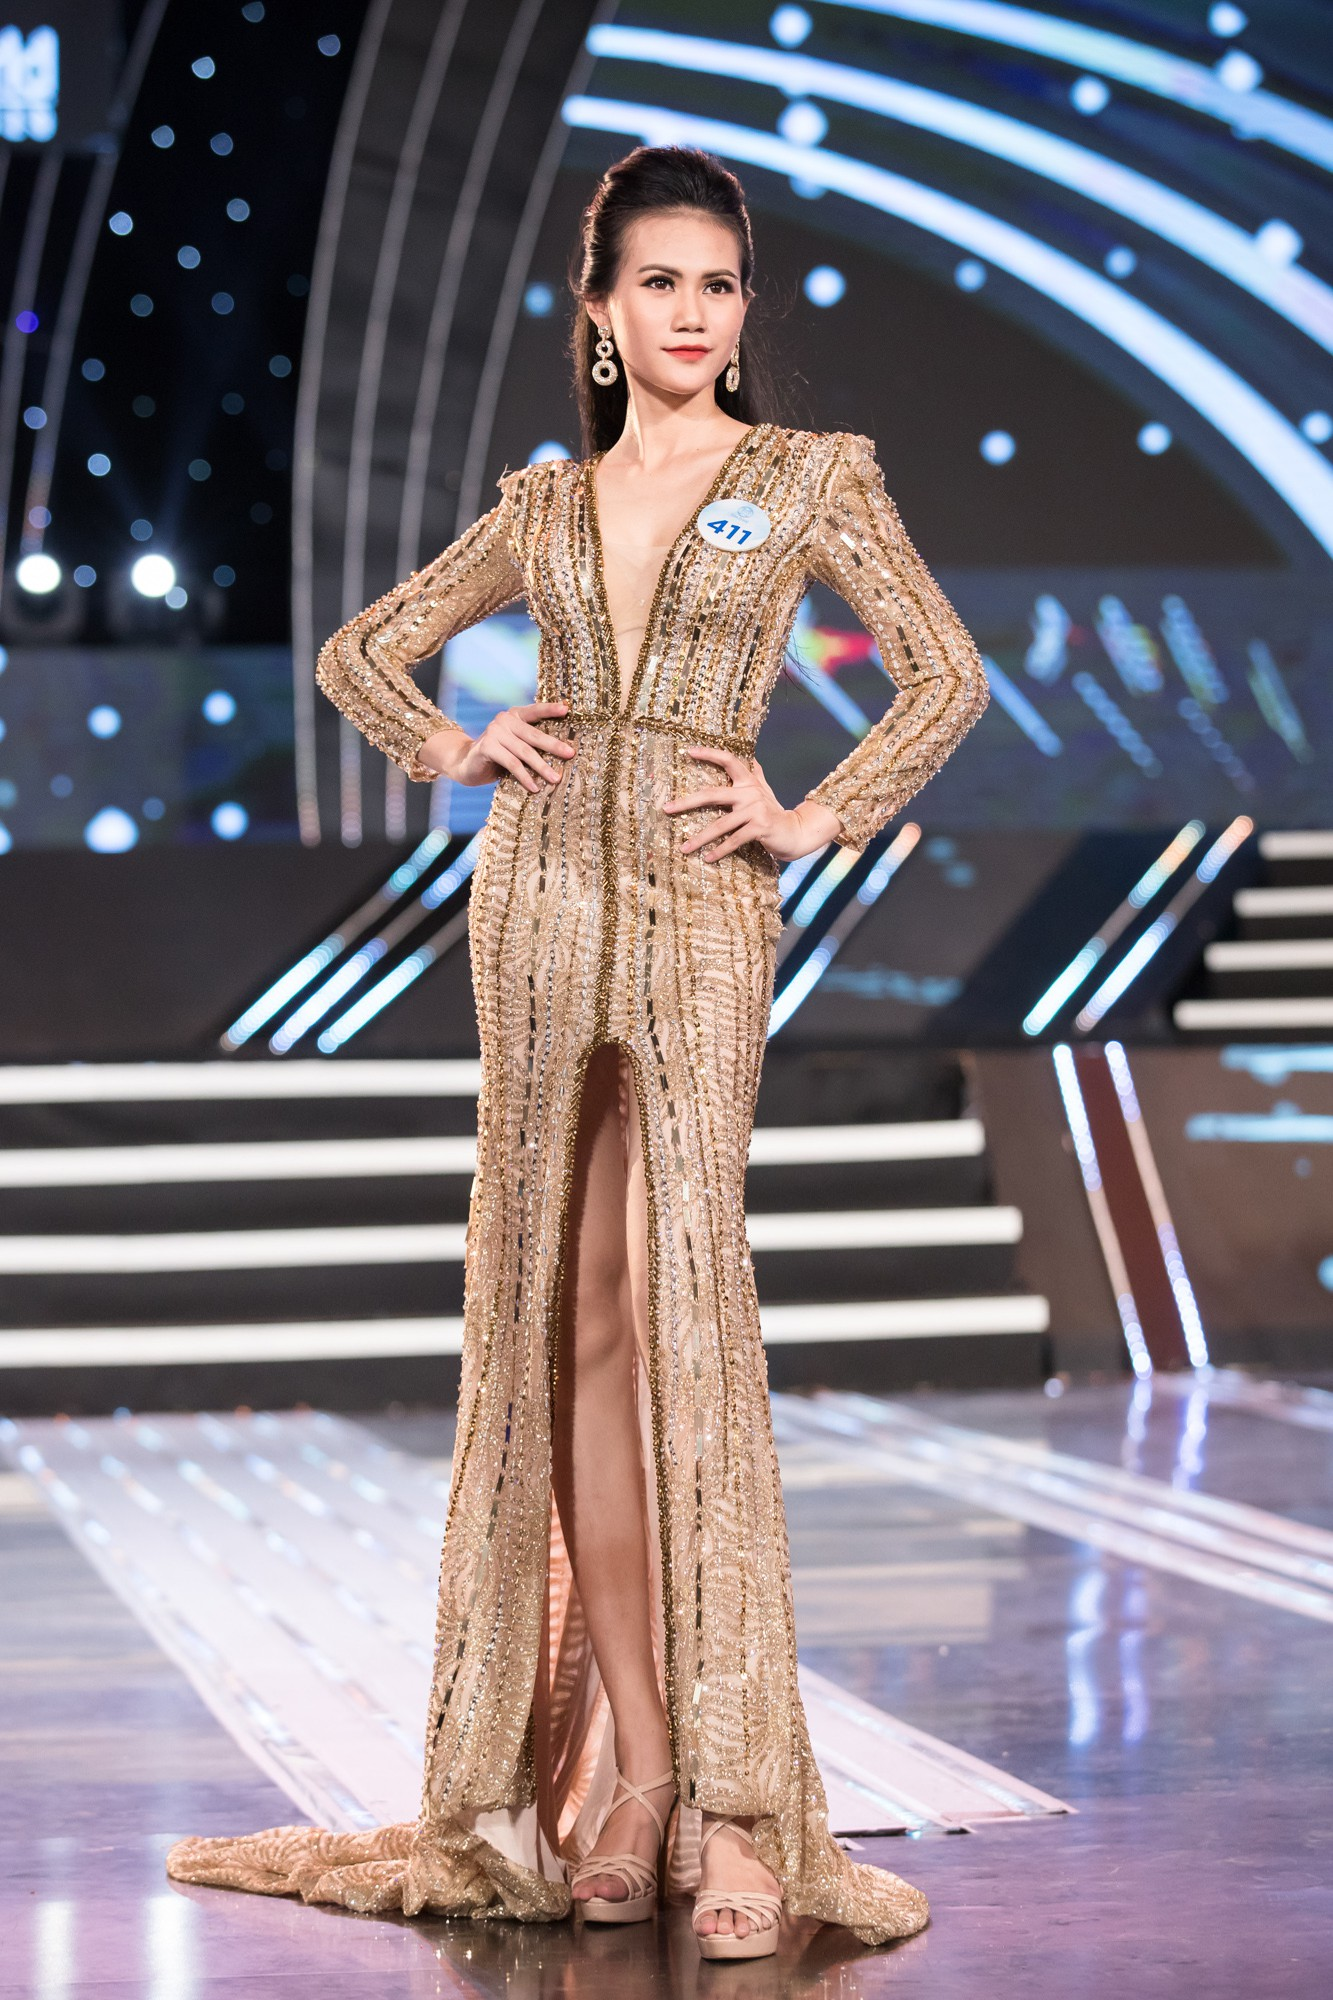 Soi nhan sắc 20 cô gái phía Bắc vừa lọt Chung kết Miss World VN: Thí sinh mặt đẹp nhất lại lộ vóc dáng đô con, thiếu đường cong-12